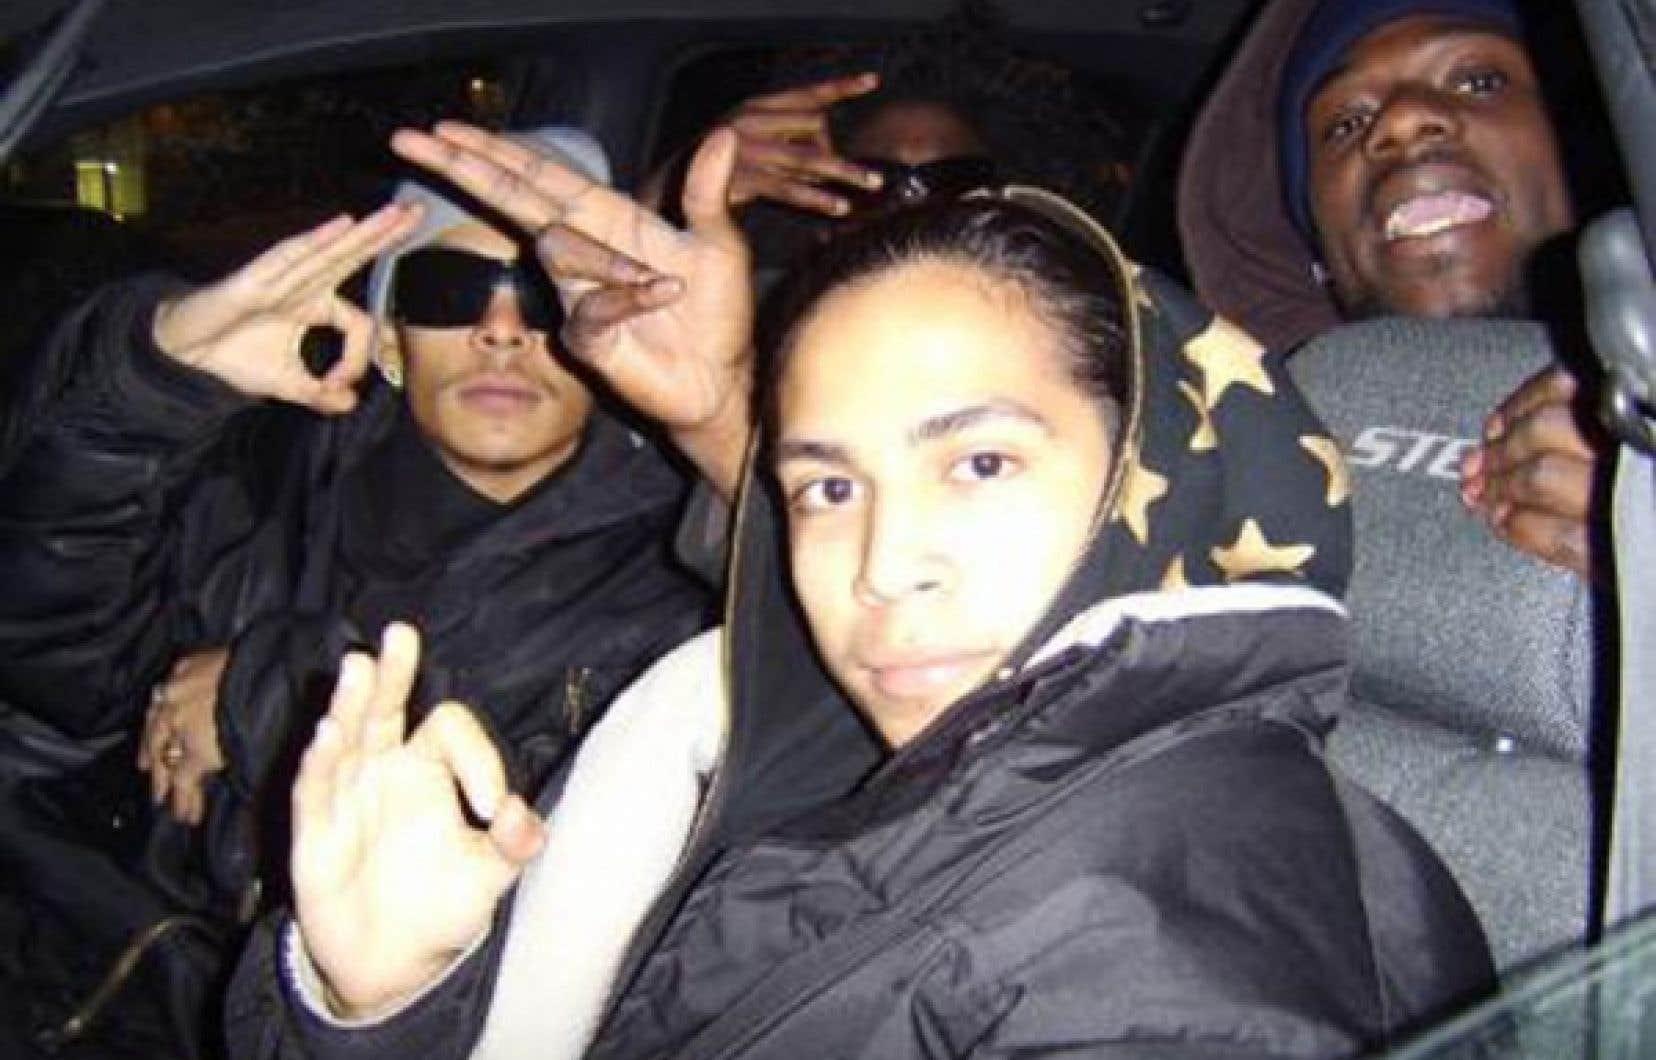 Fredy Villanueva, au centre, avec son frère Danny à gauche et un ami<br />